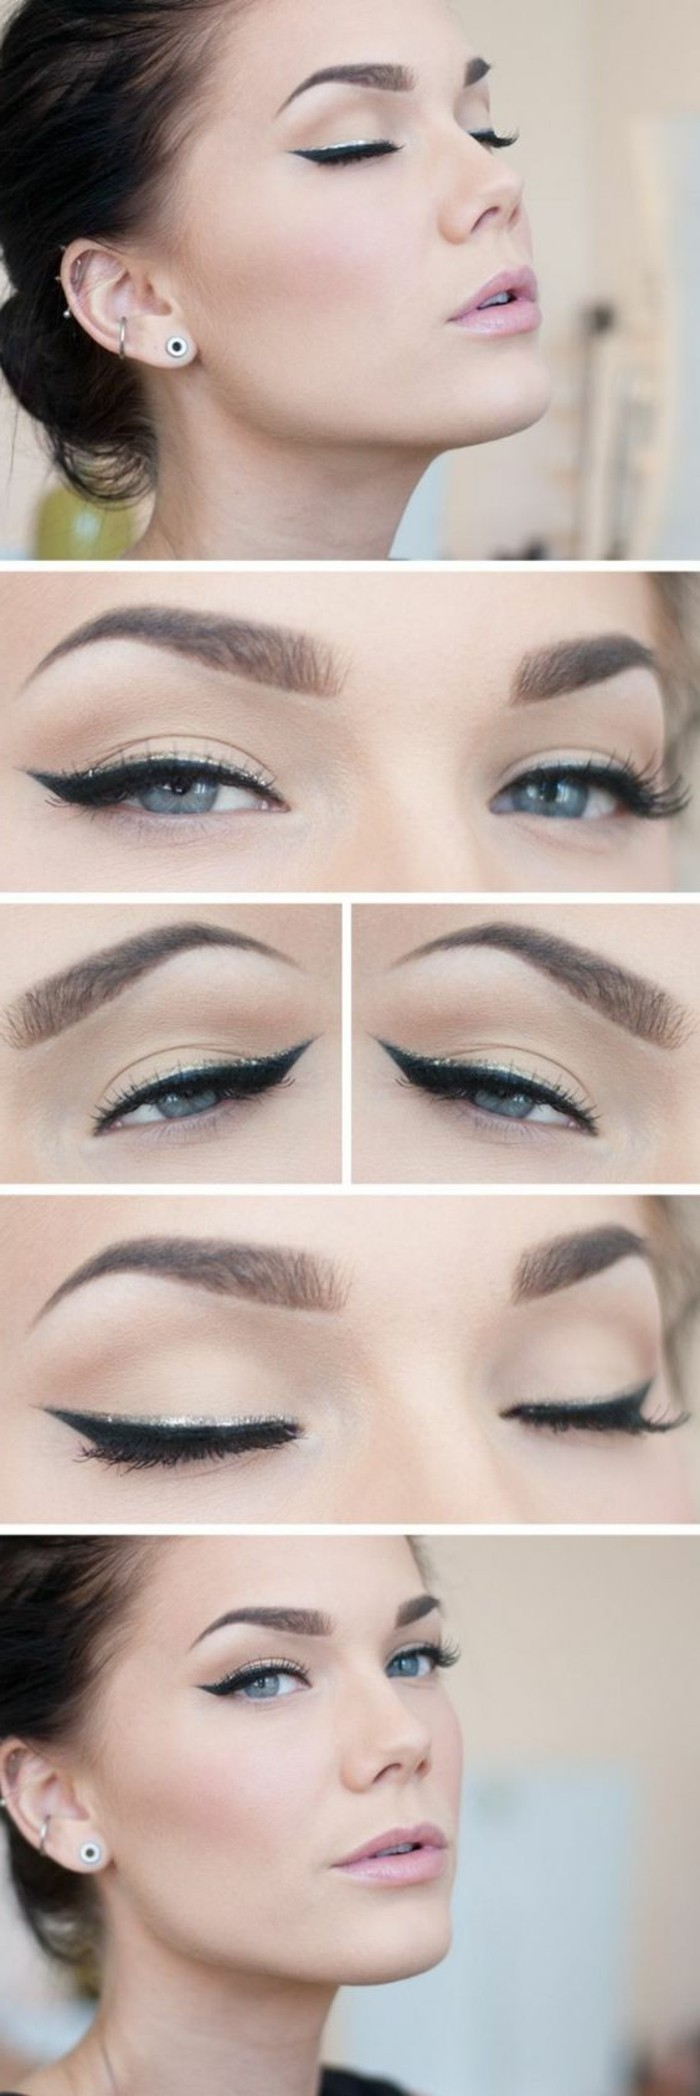 Trouvez votre technique de maquillage dans 56 photos et vid os - Maquillage yeux de chat ...